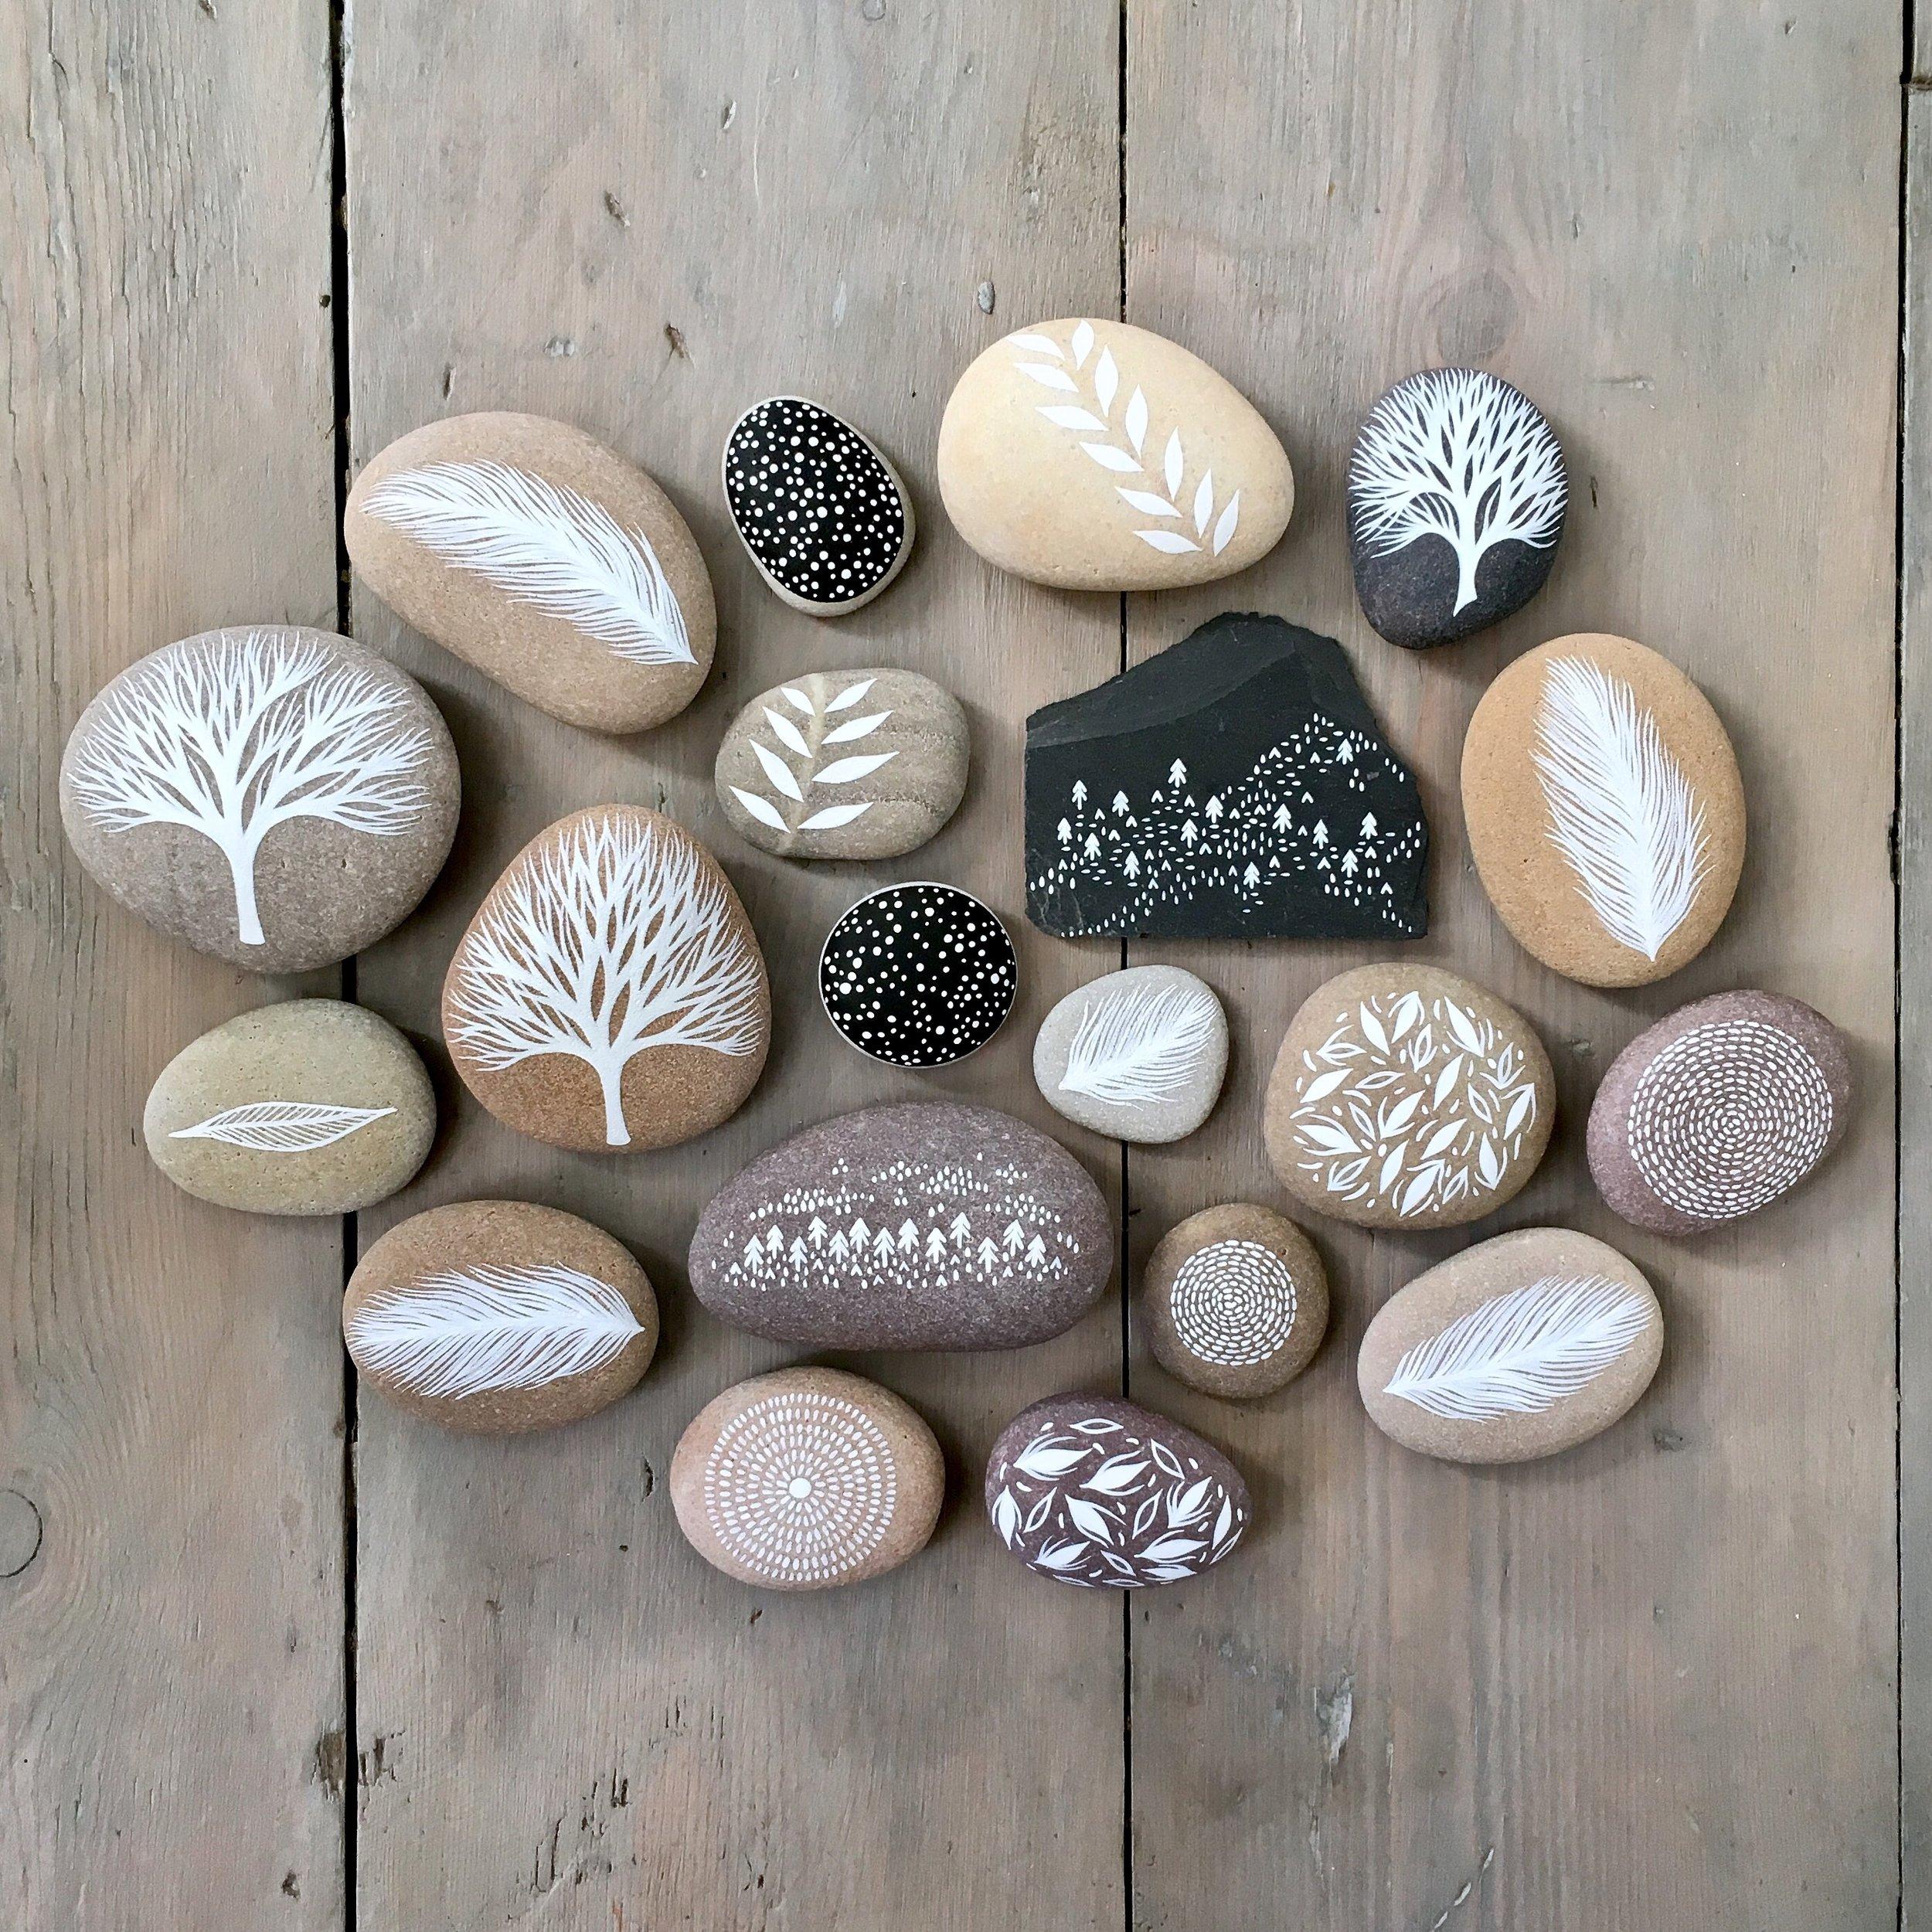 Painted Stones & Slate